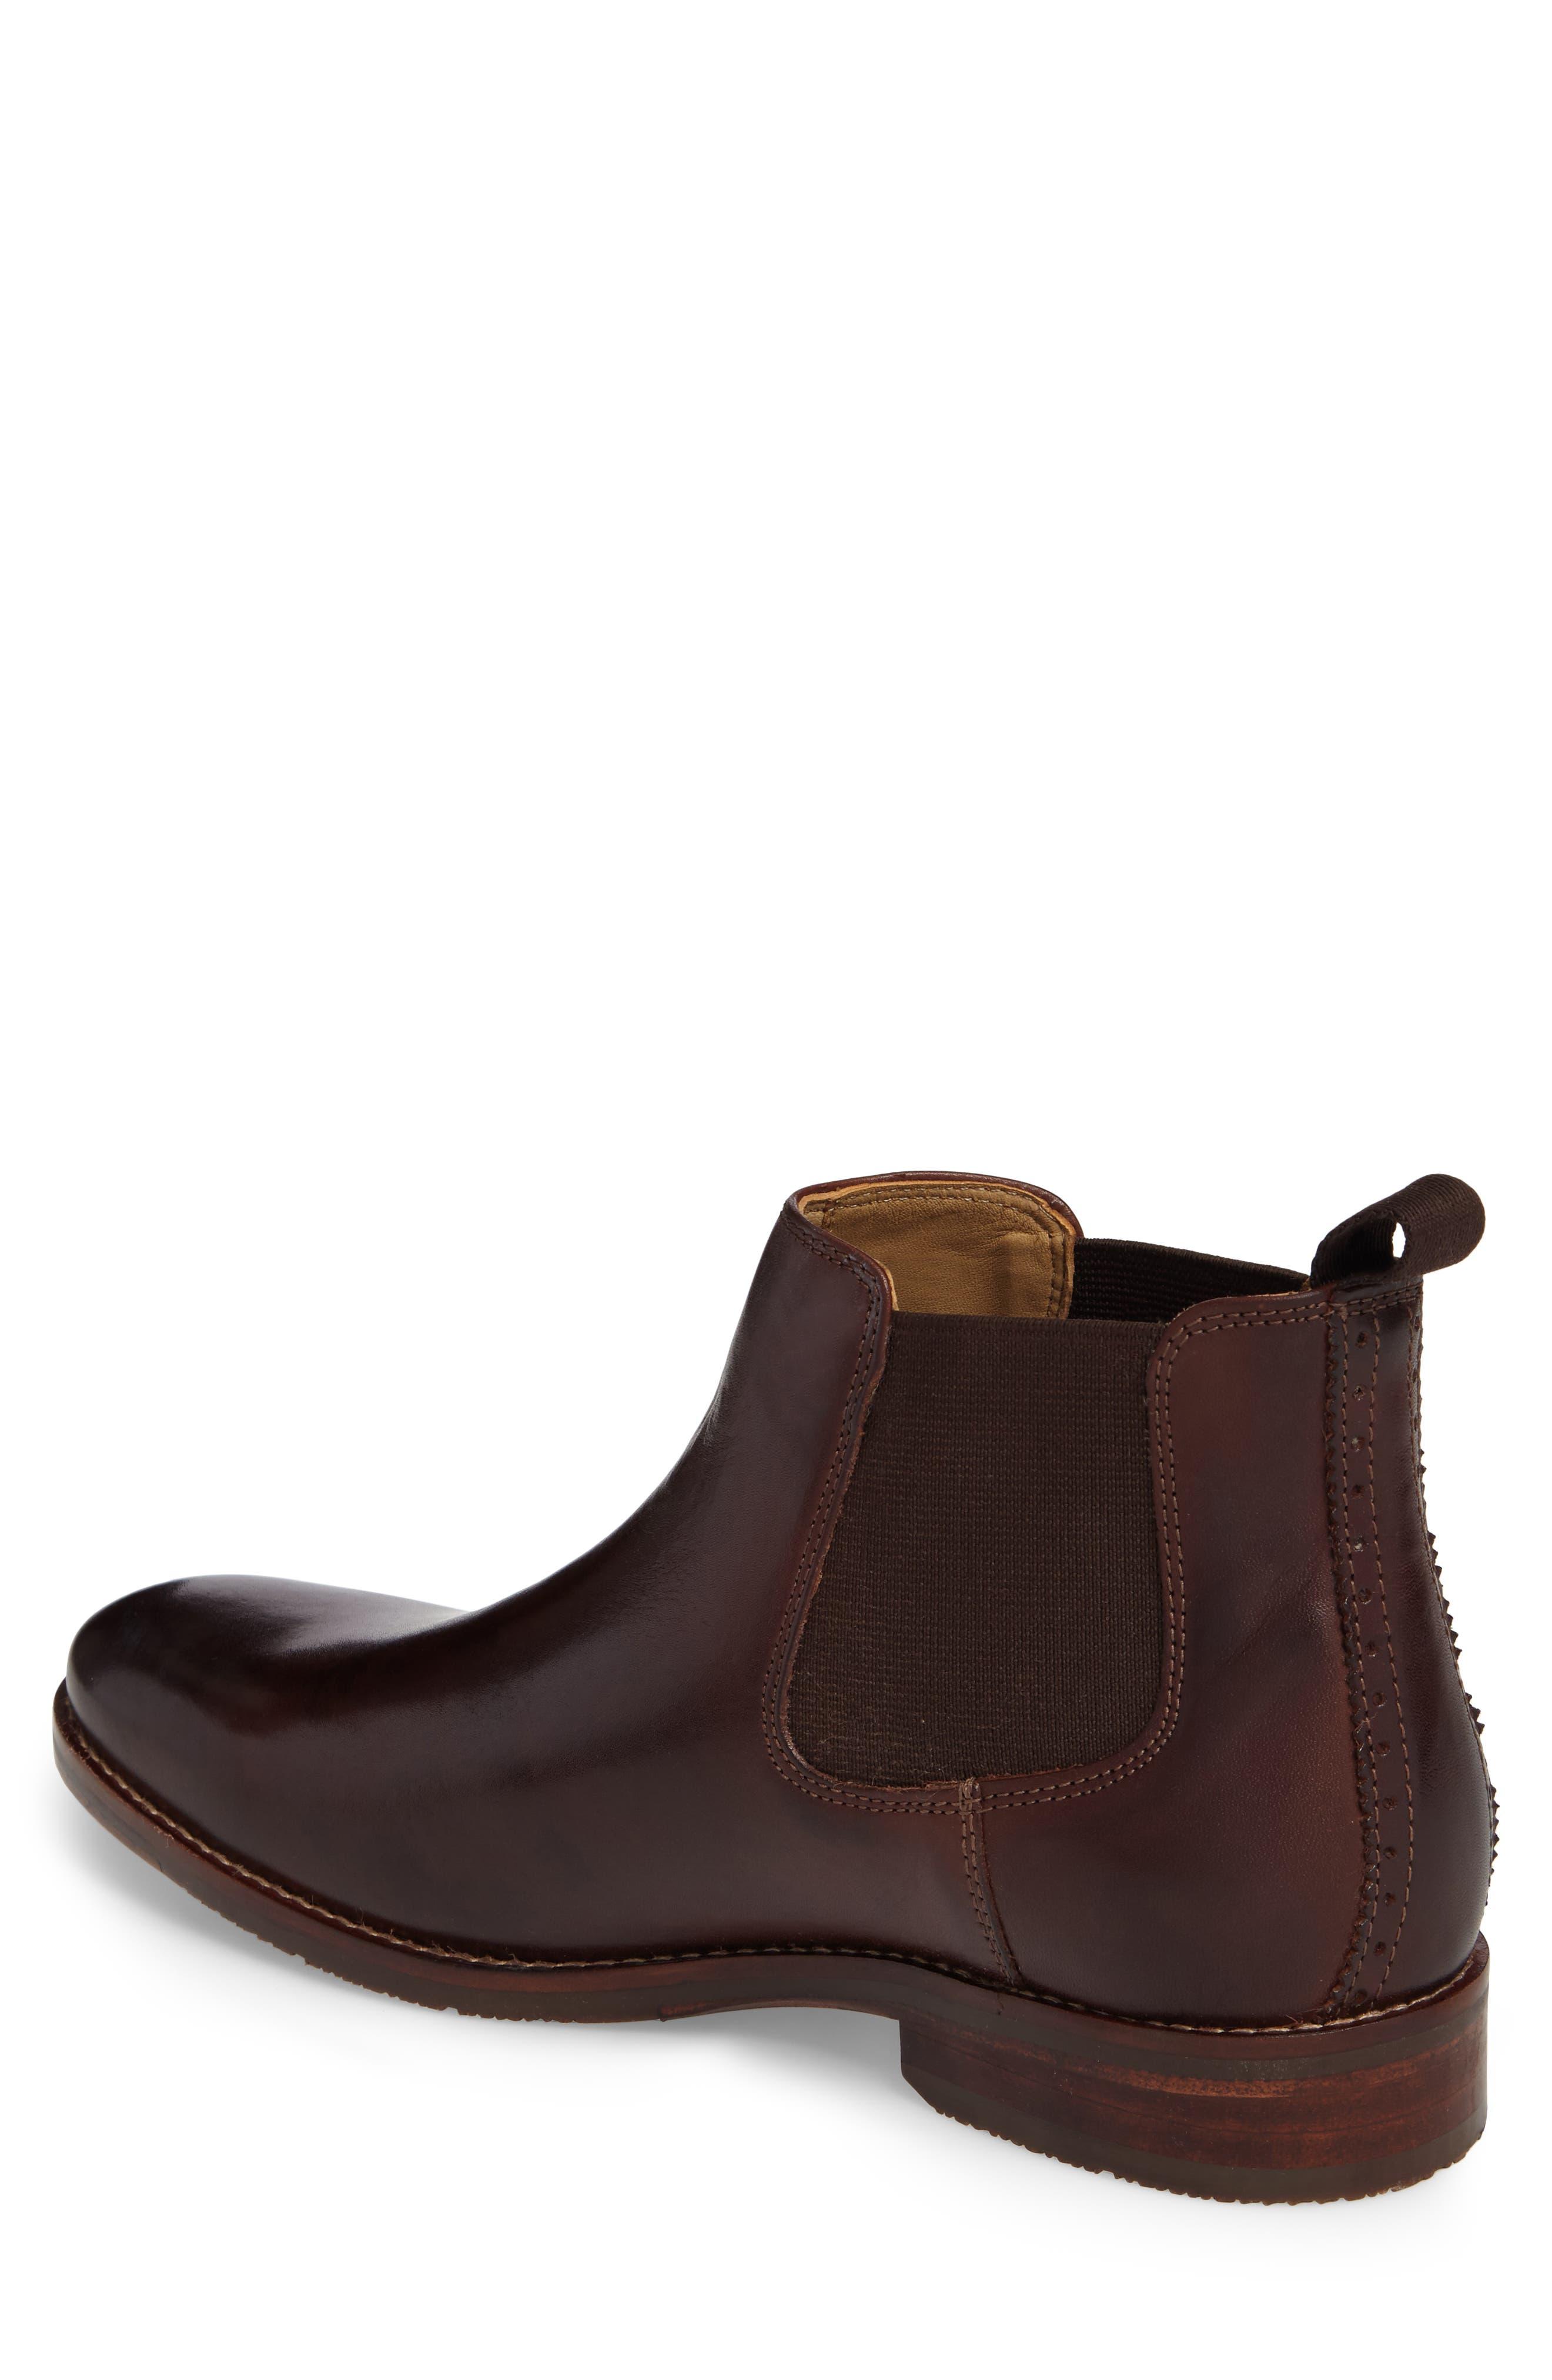 Alternate Image 2  - Johnston & Murphy Garner Chelsea Boot (Men)